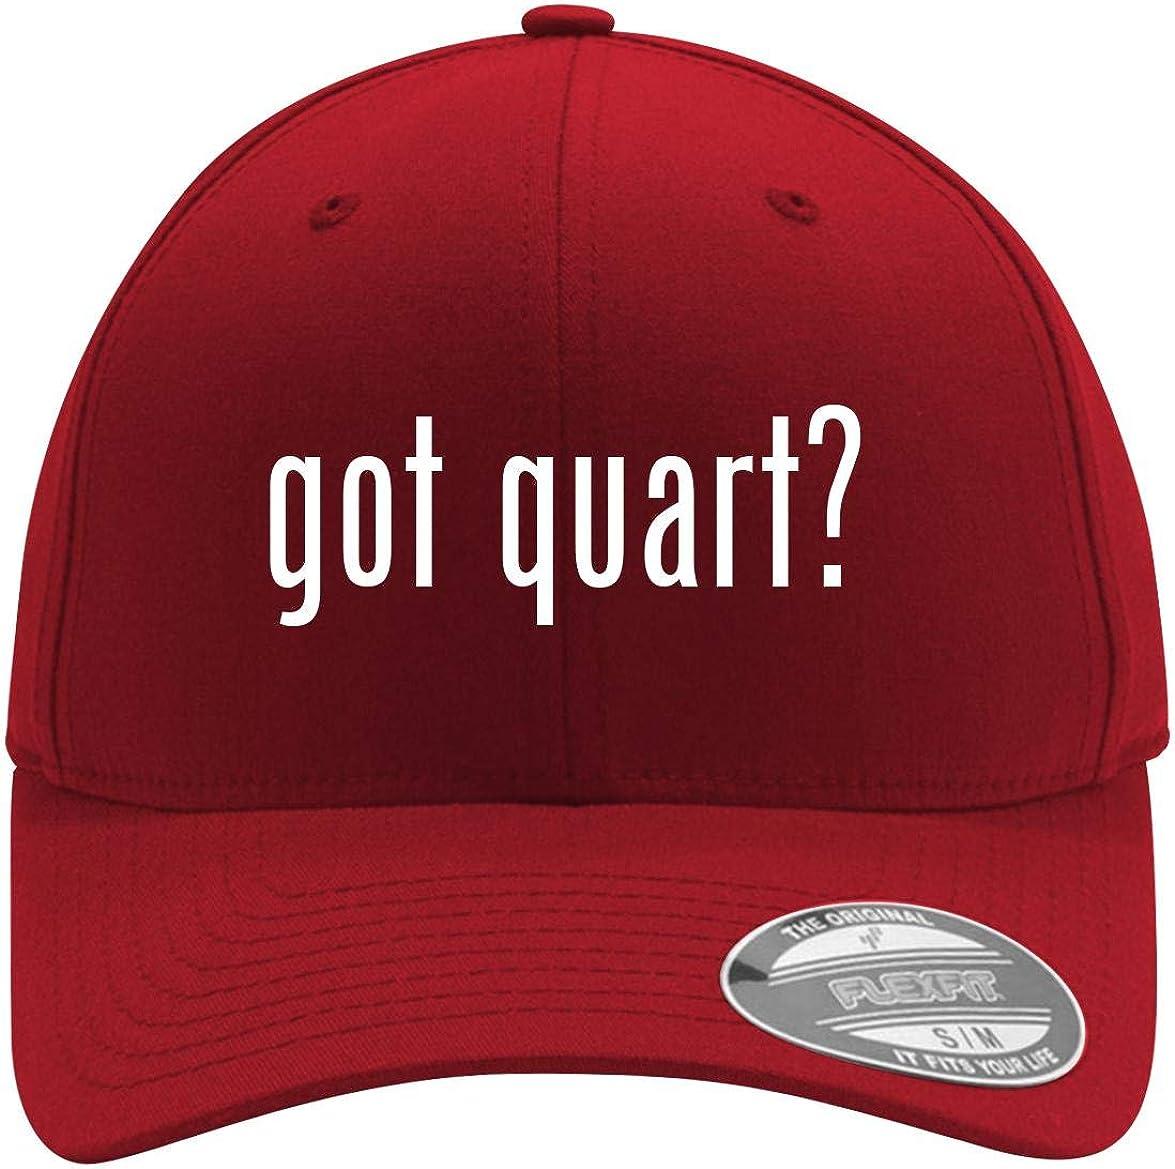 got Quart? - Adult Men's Flexfit Baseball Hat Cap